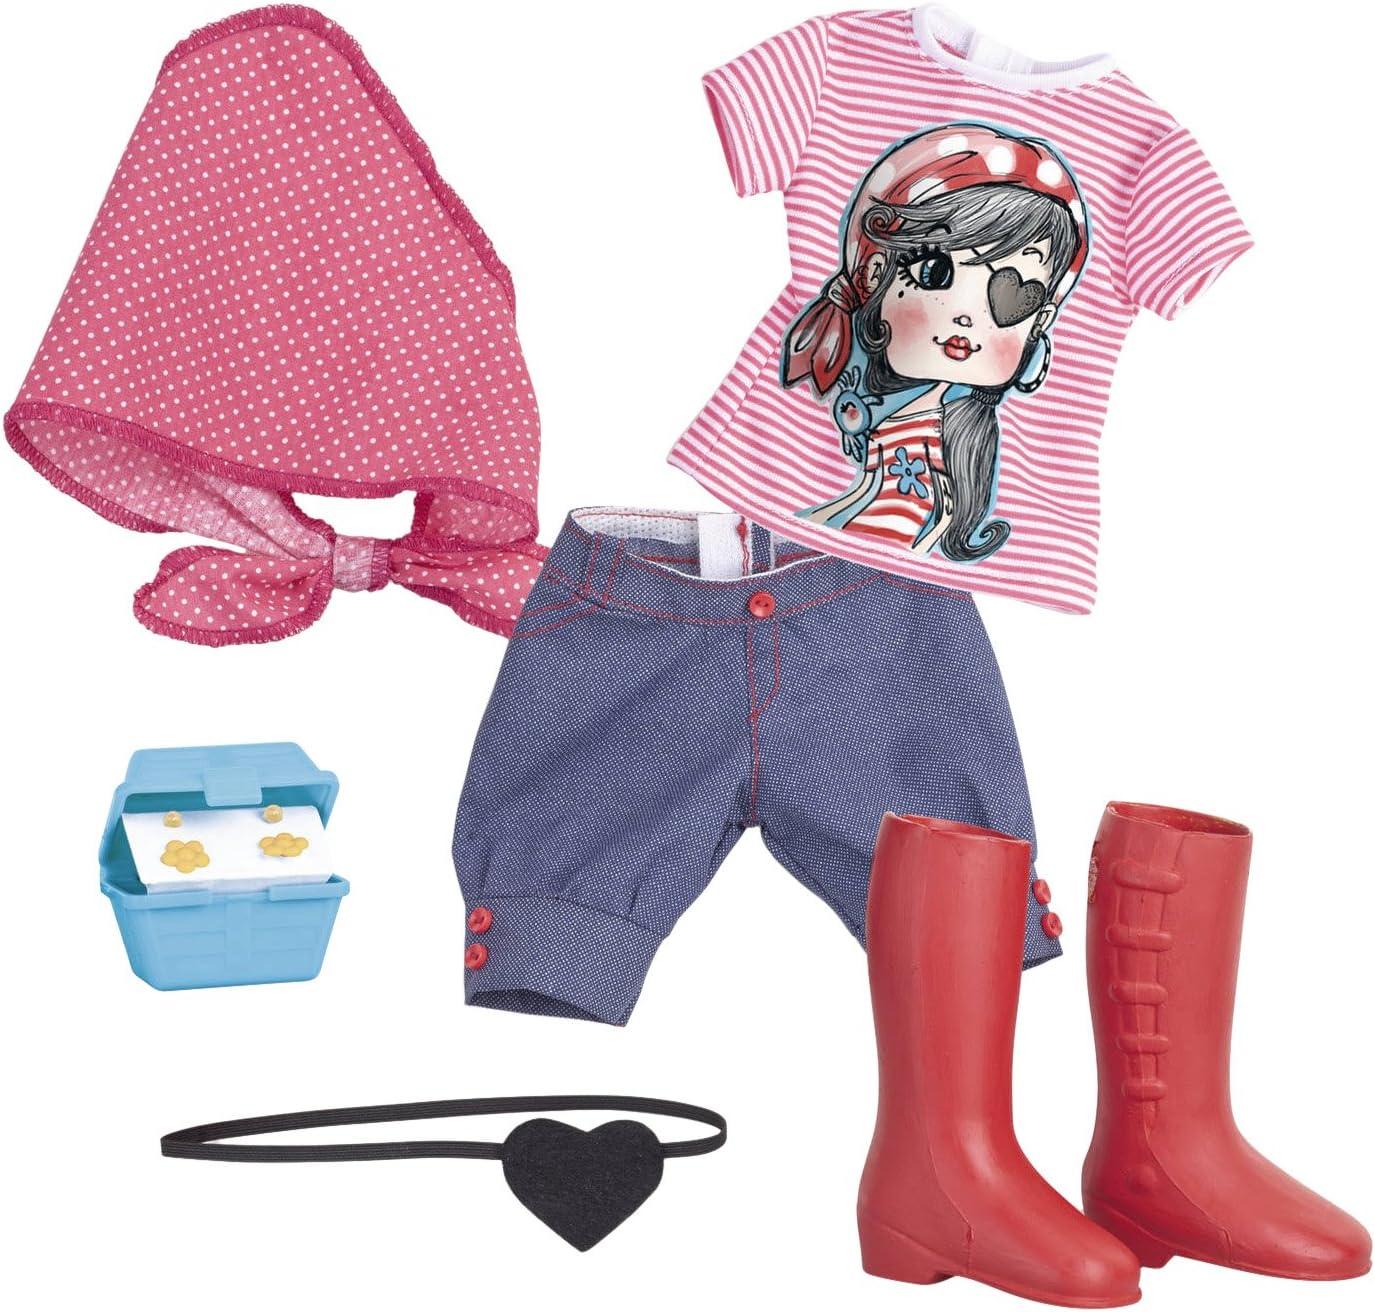 Amazon.es: Nancy Pack de ropita aventuras pirata (Famosa 700012723A): Juguetes y juegos